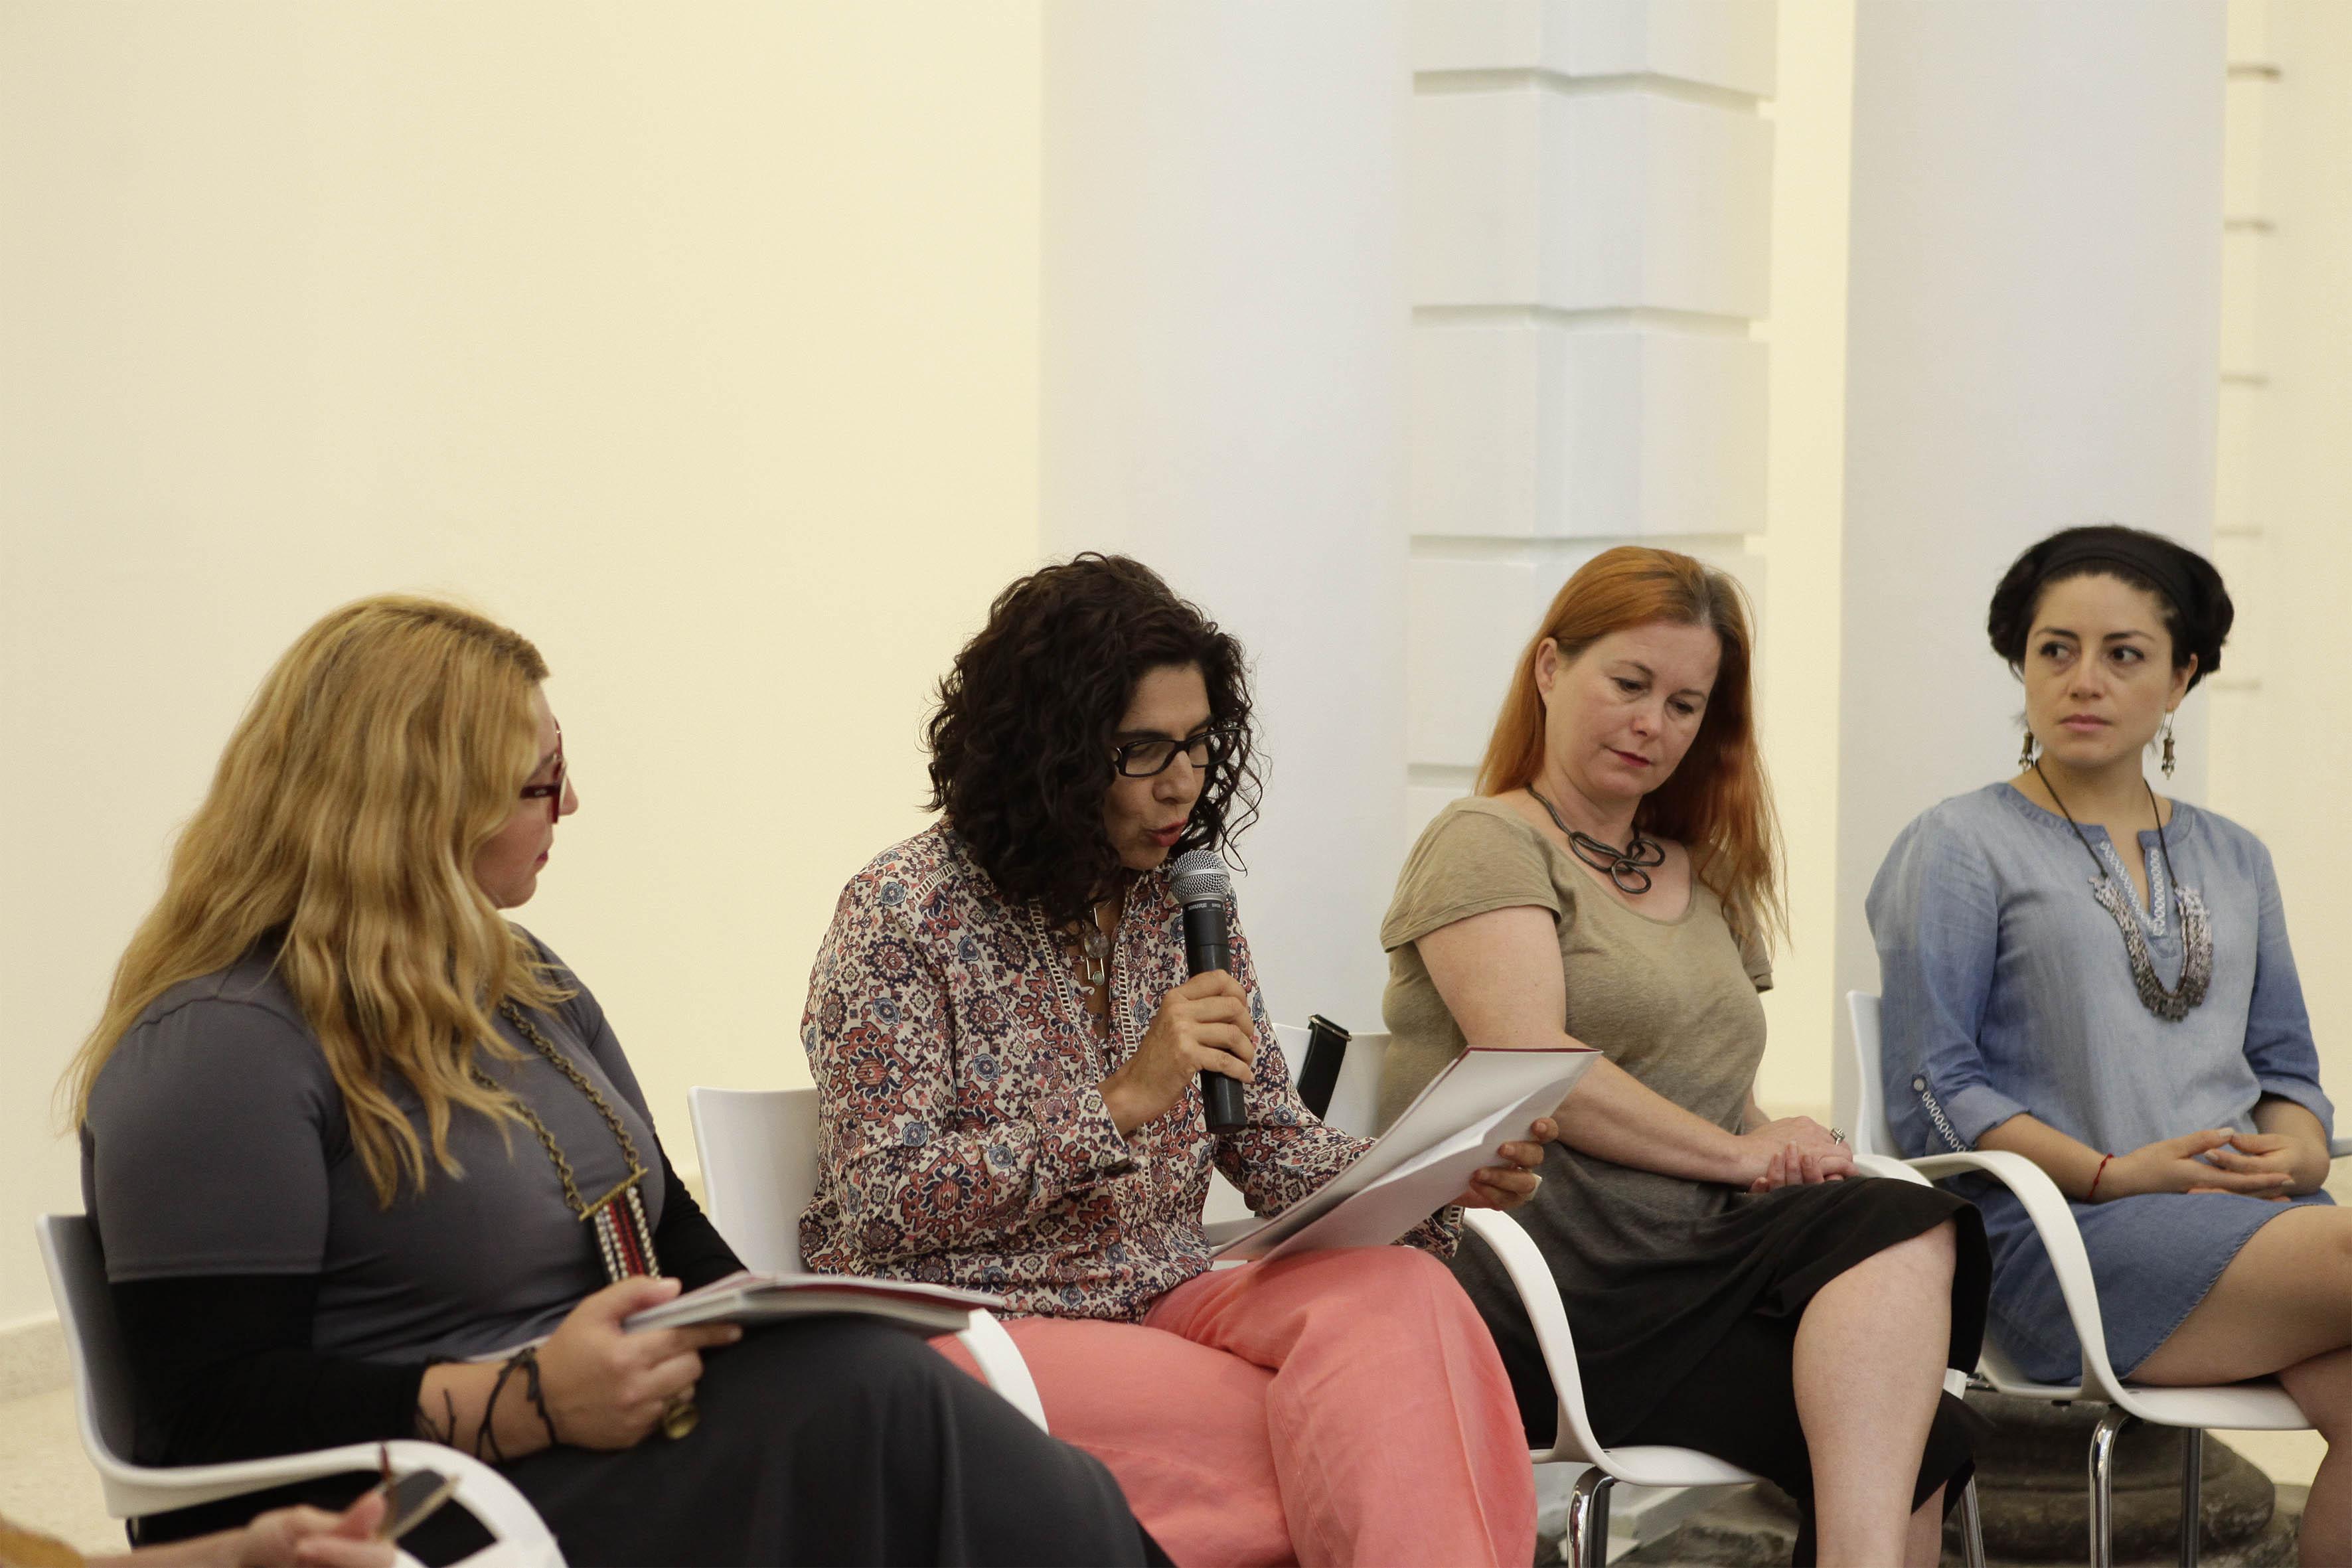 La maestra Maribel Arteaga Garibay, directora del MUSA, con micrófono en mano haciendo uso de la palabra.